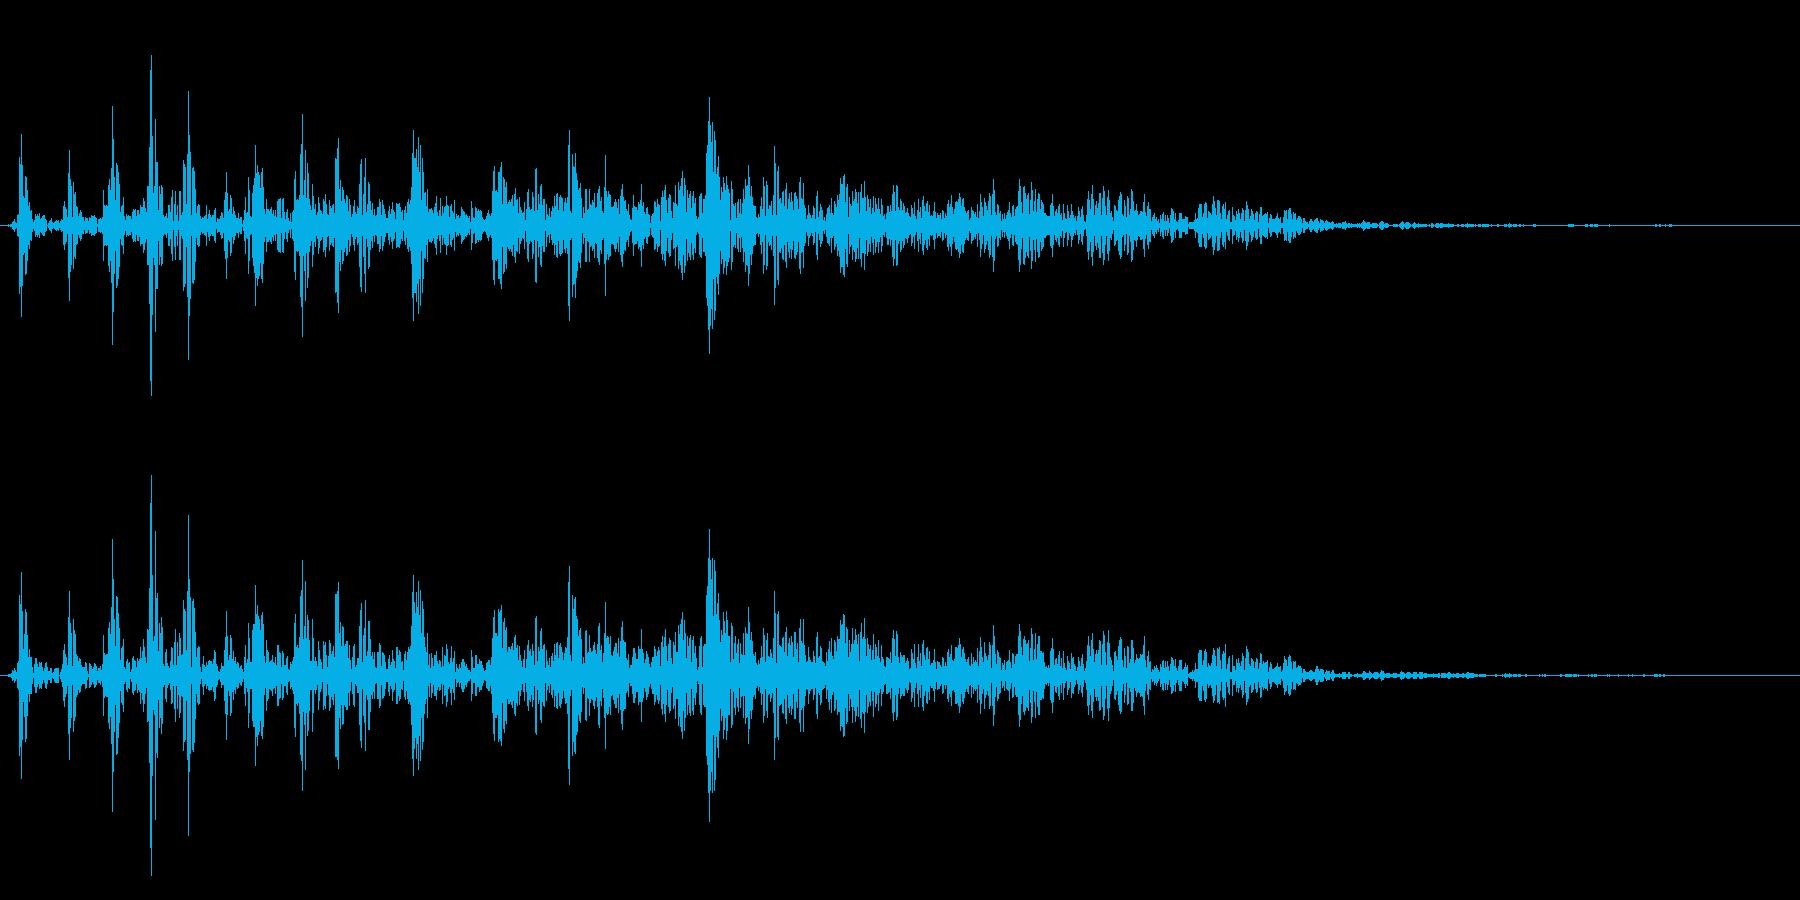 カウッ(可愛い噛みつき音)の再生済みの波形